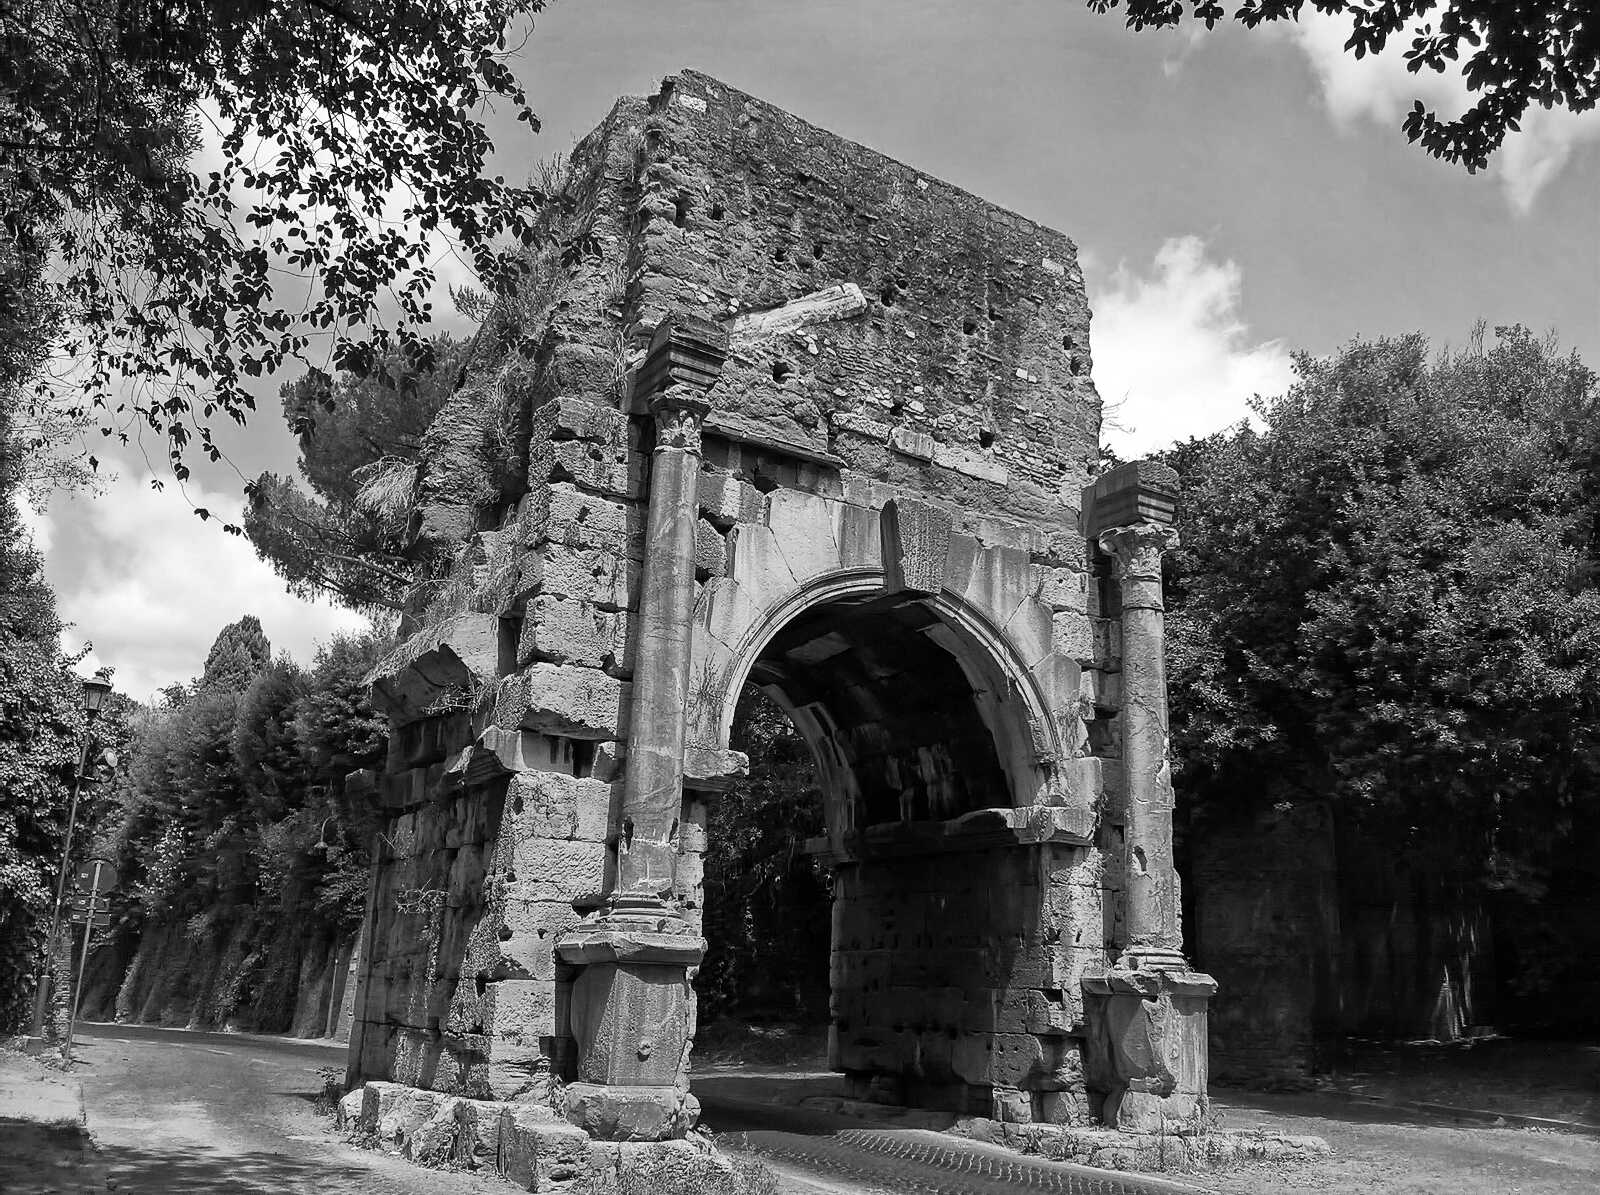 Nearby Roman Arch